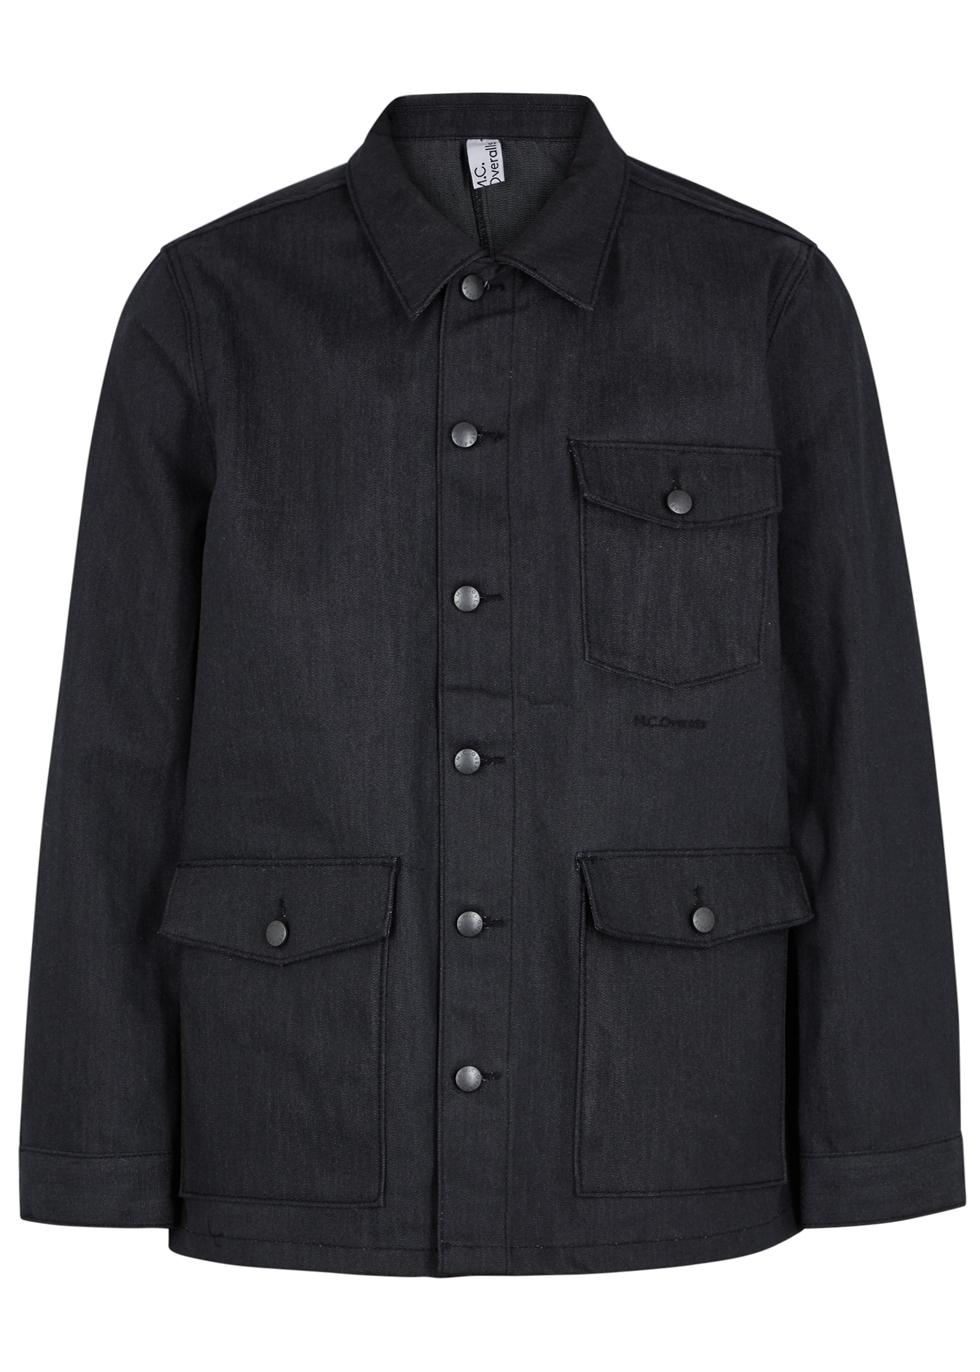 M.C. OVERALLS Anthracite Reflective Denim Jacket in Dark Grey